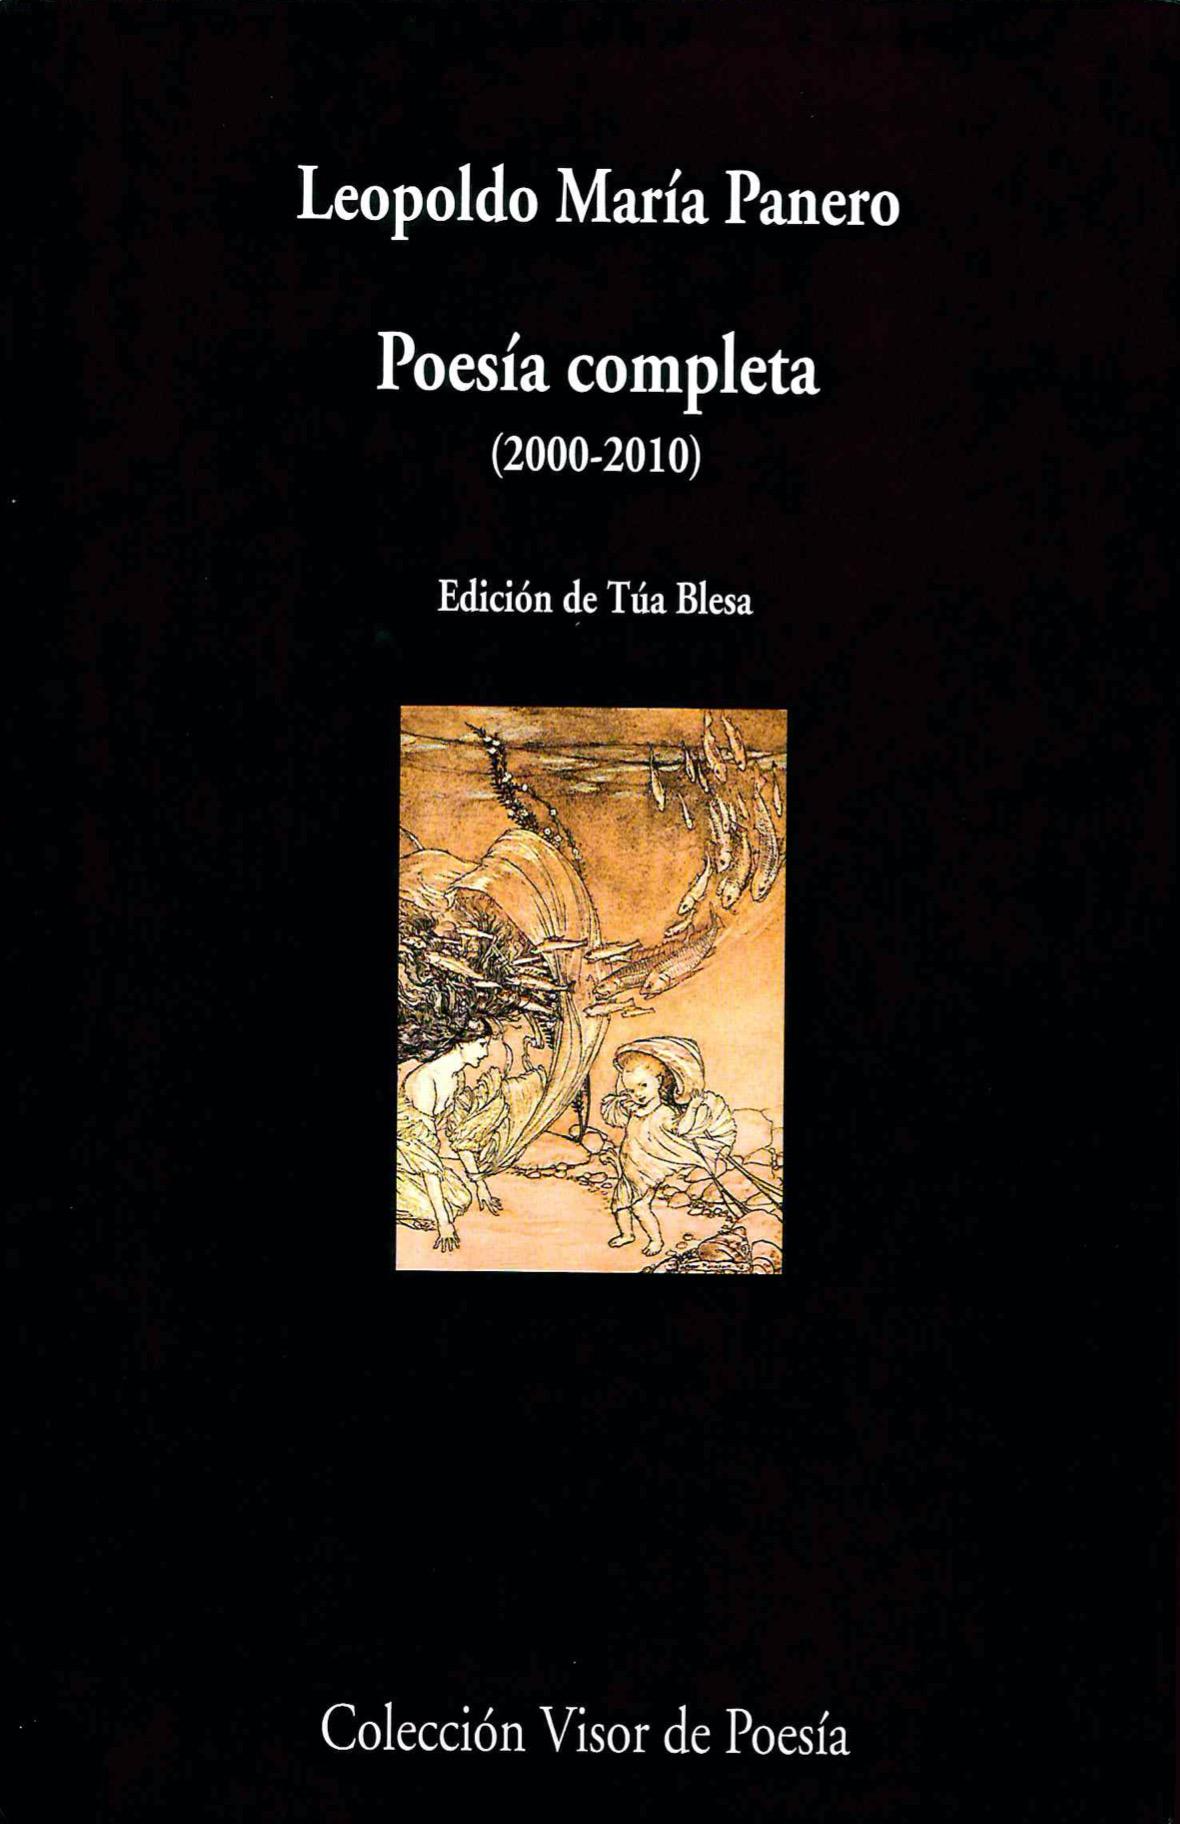 Poesía completa (2000-2010) - Leopoldo María Panero pdf